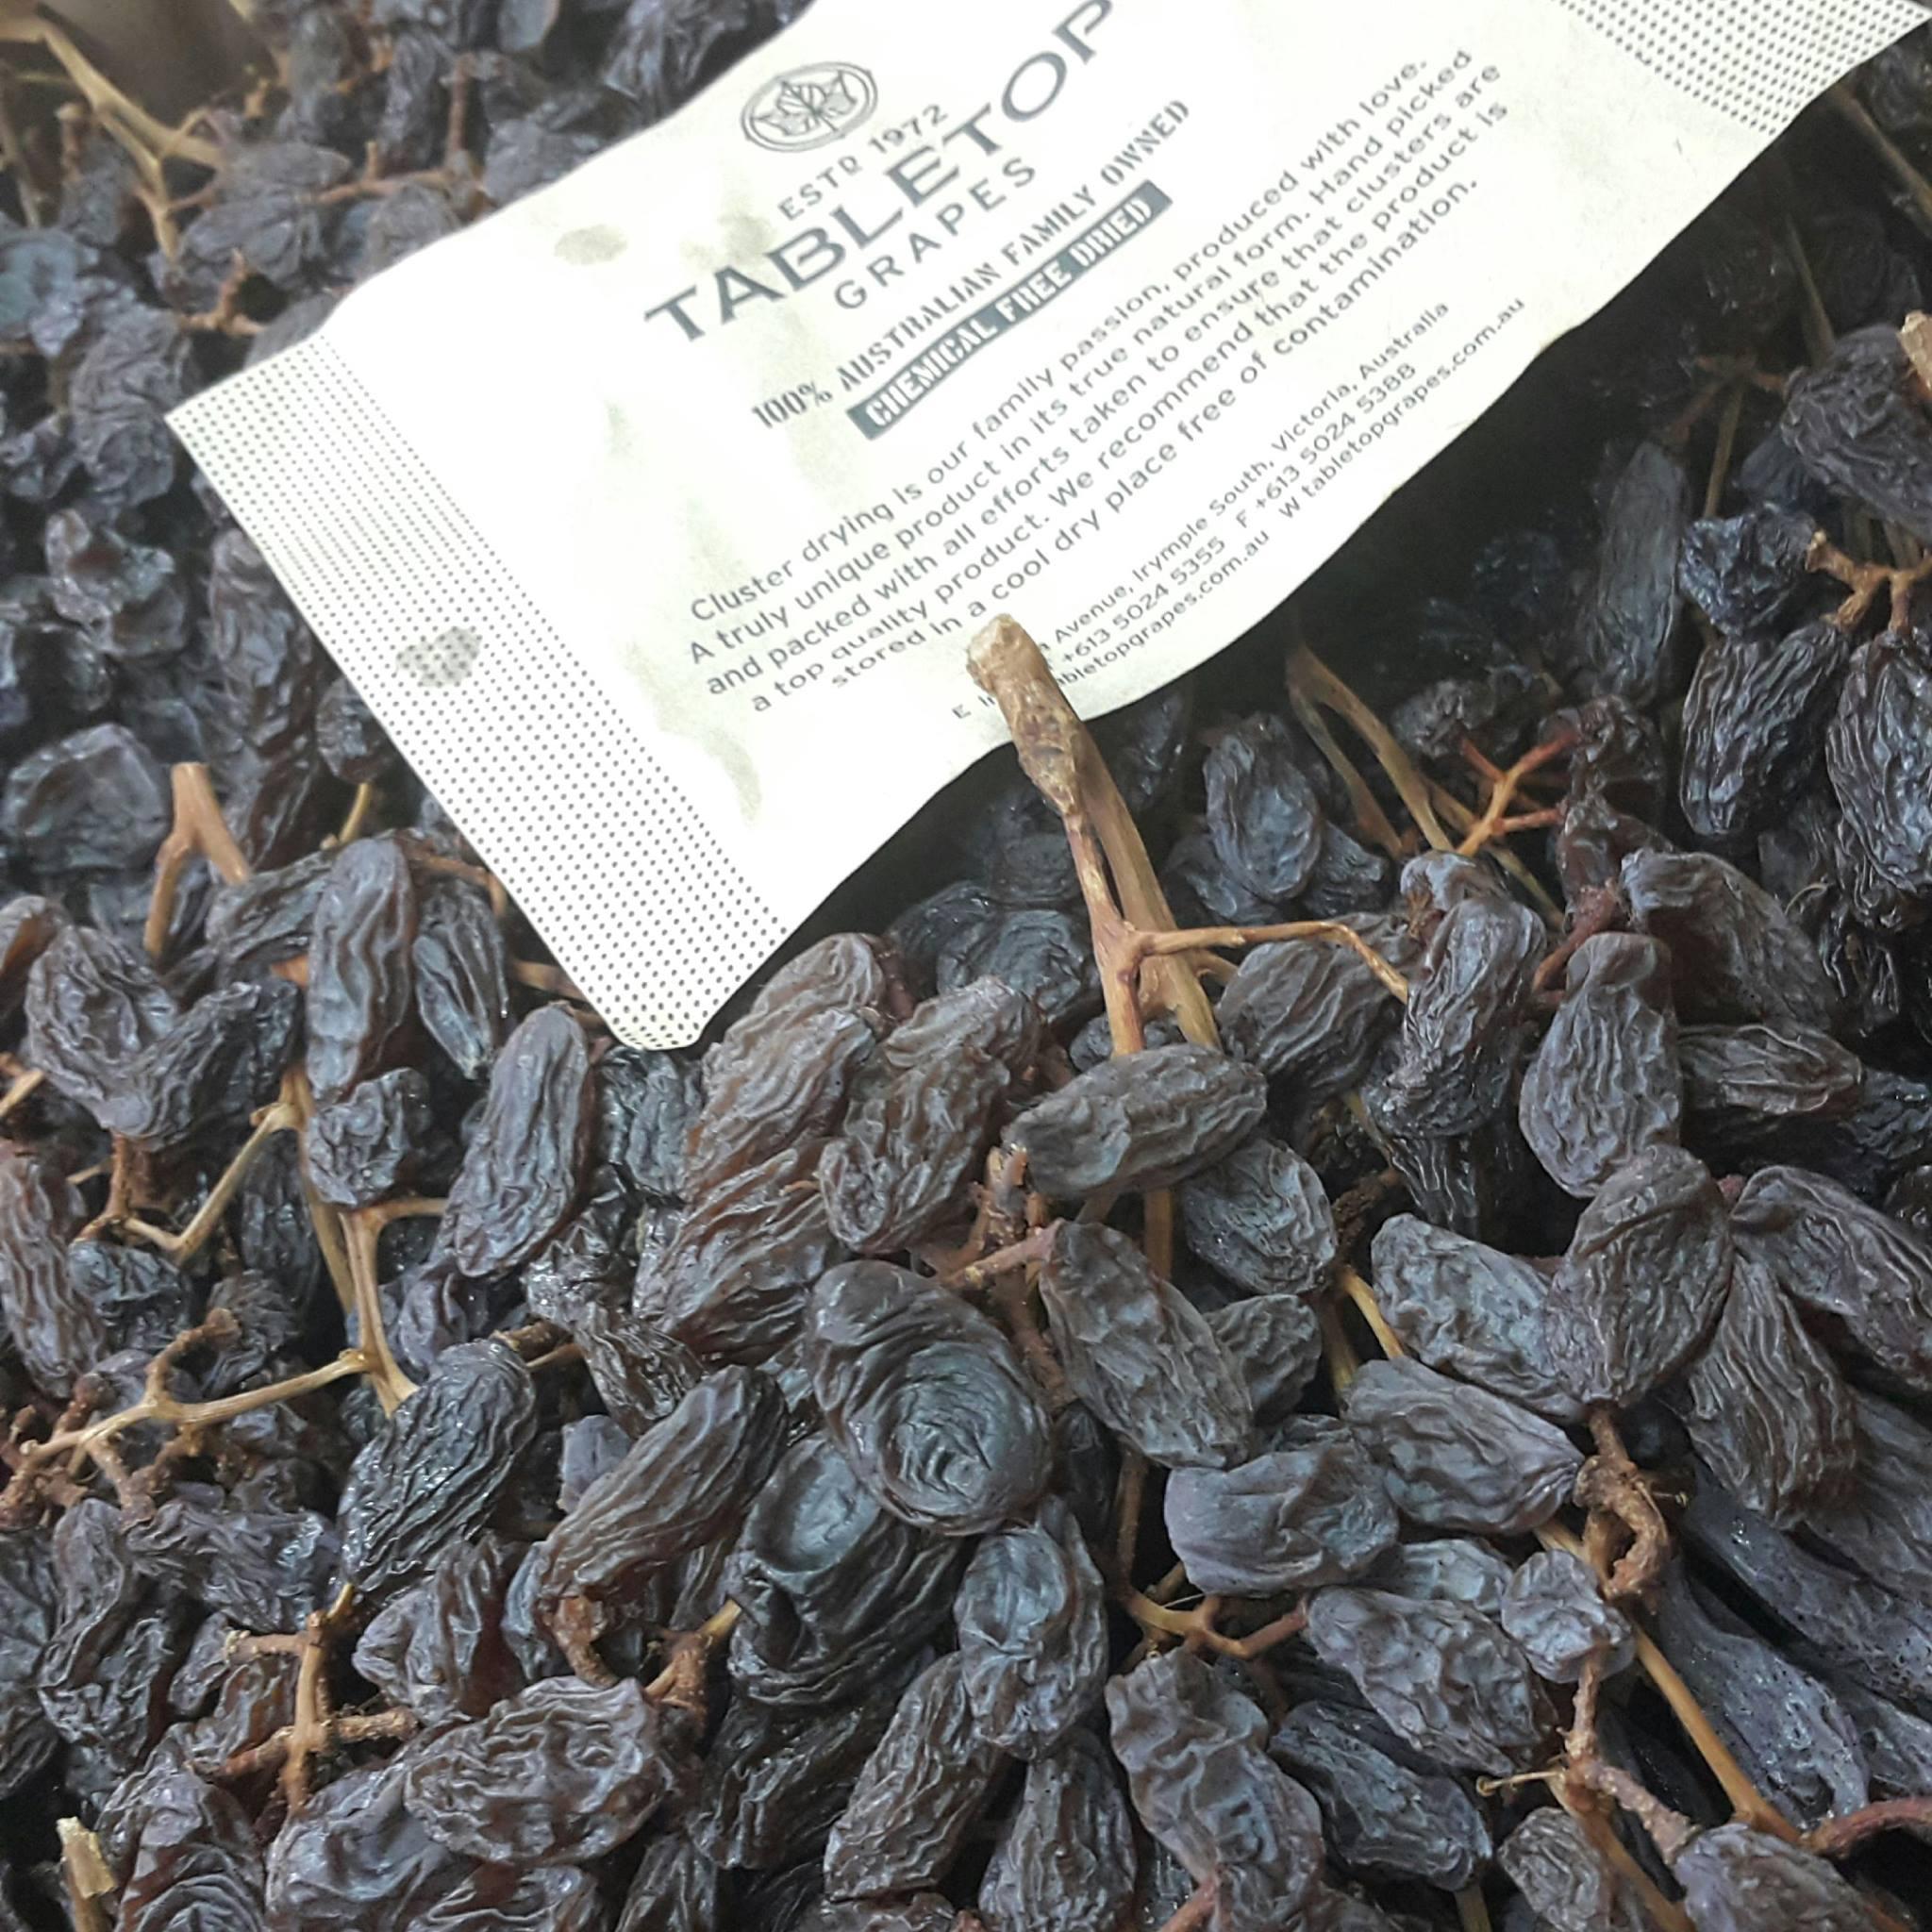 Nho khô nguyên cành TableTop Grapes được sản xuất và nhập khẩu trực tiếp từ Úc